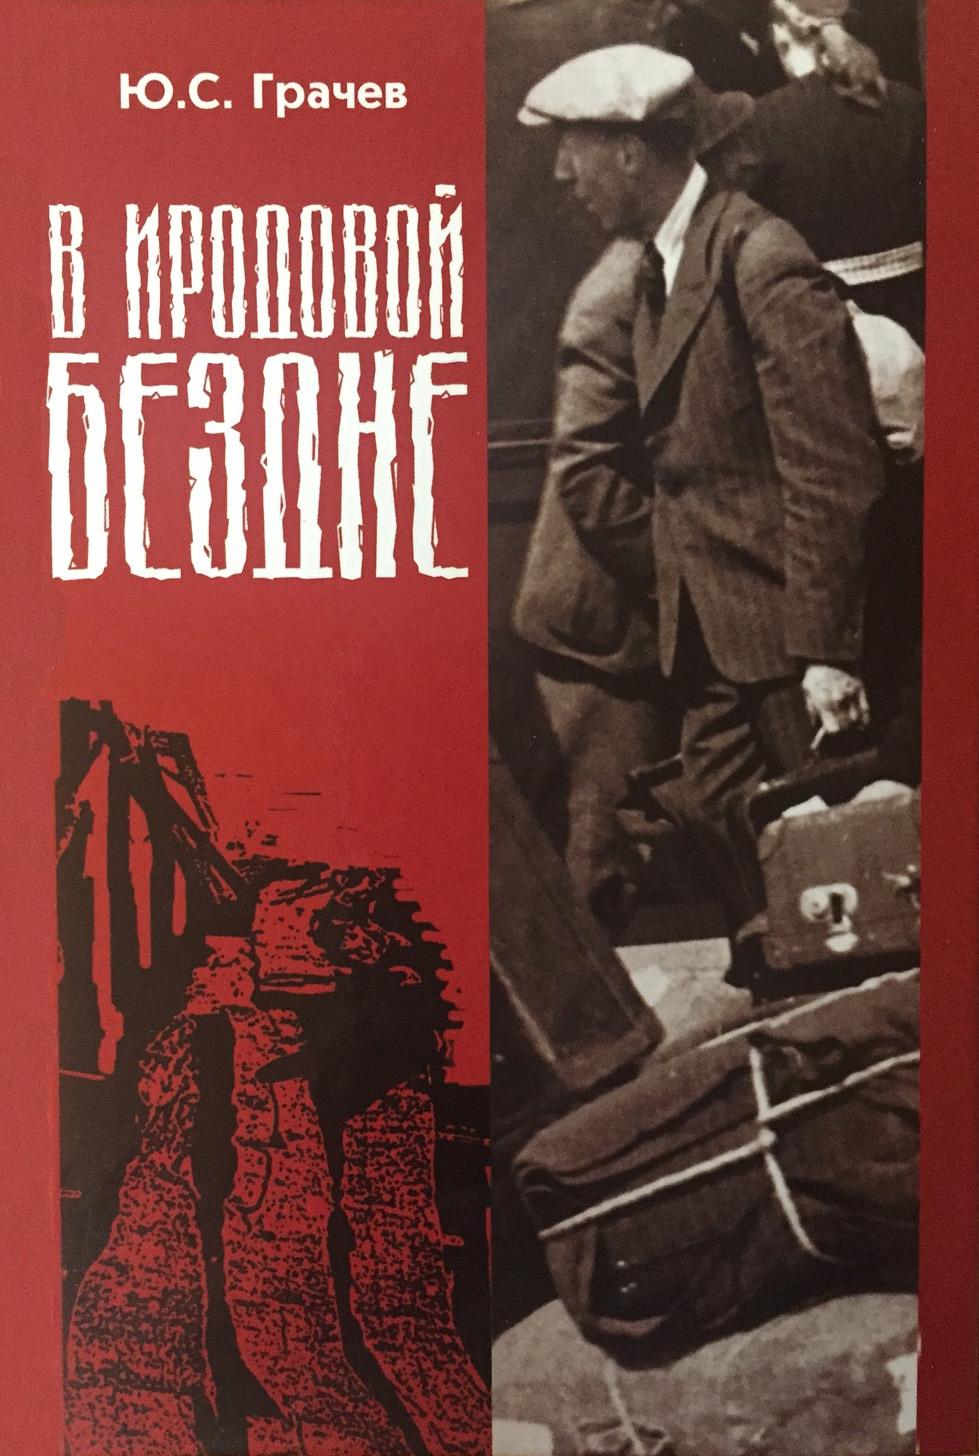 Юрий Грачёв «В Иродовой бездне. Книга 1»